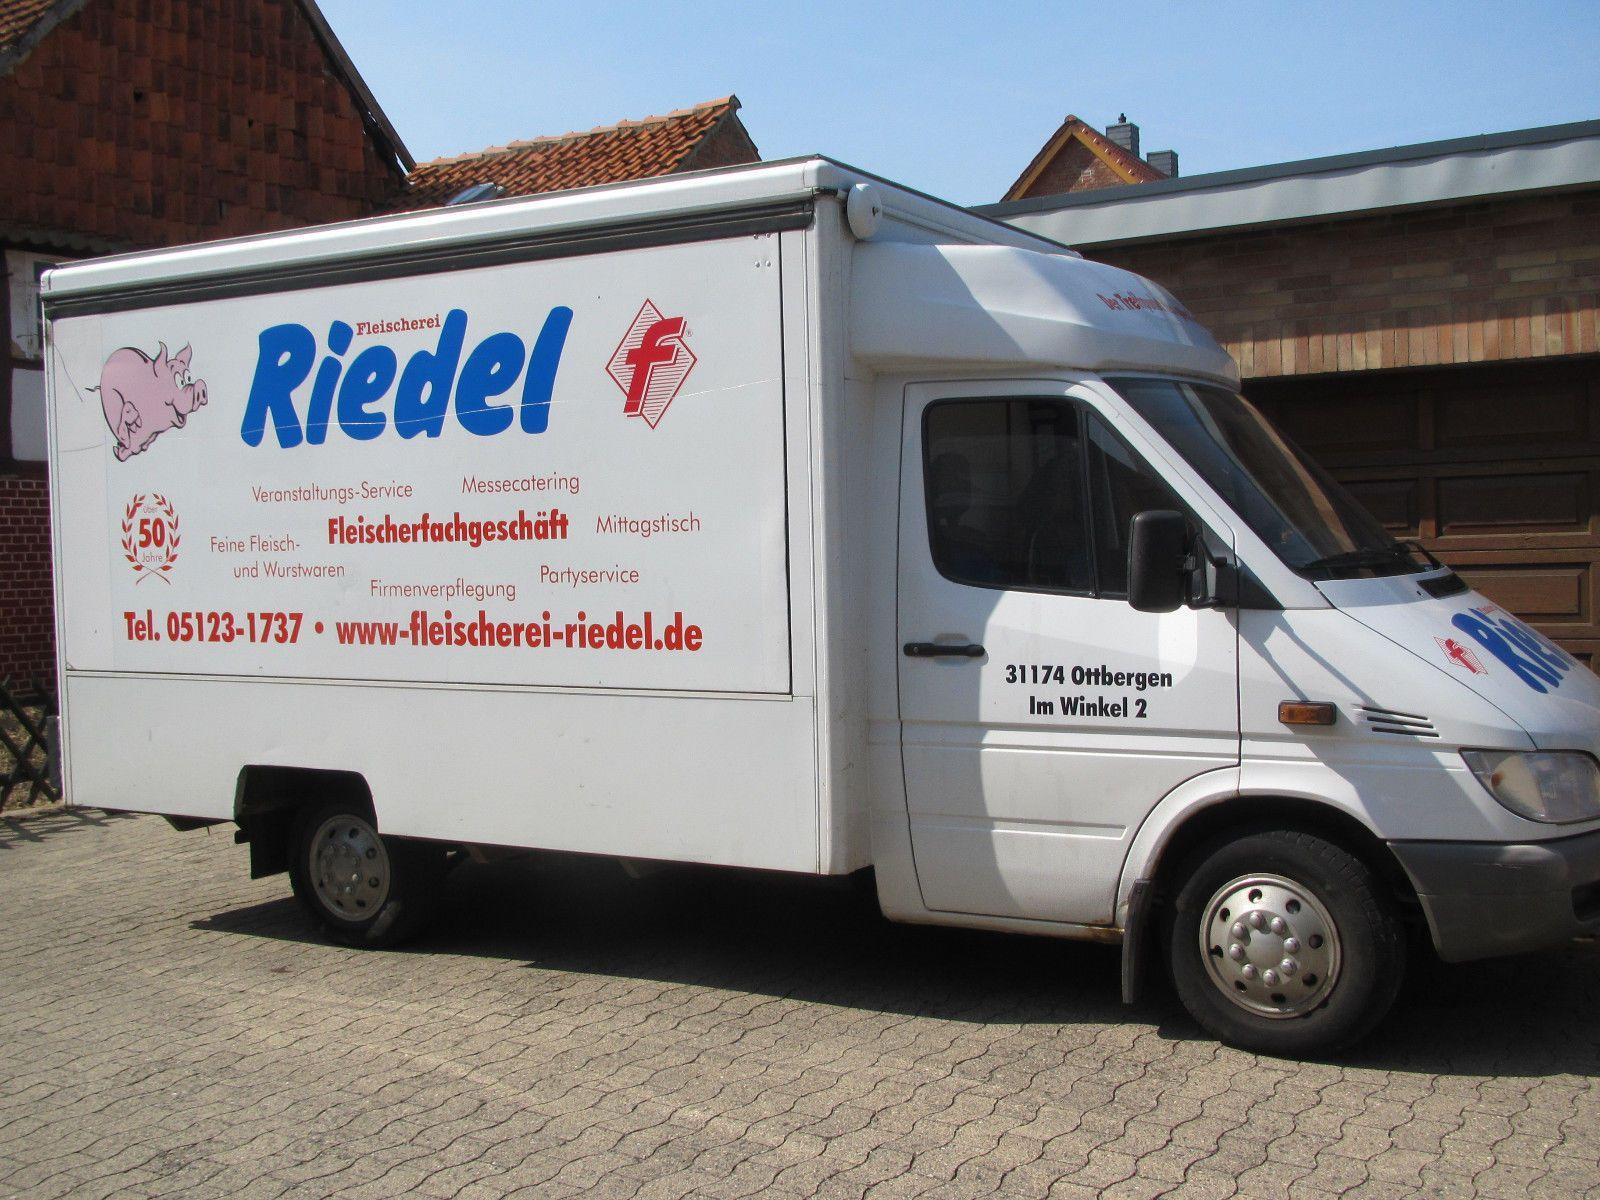 Verkaufswagen MercedesBenz 313 CDI mit Höhnsaufbau für Fleischerei Überlandpaket